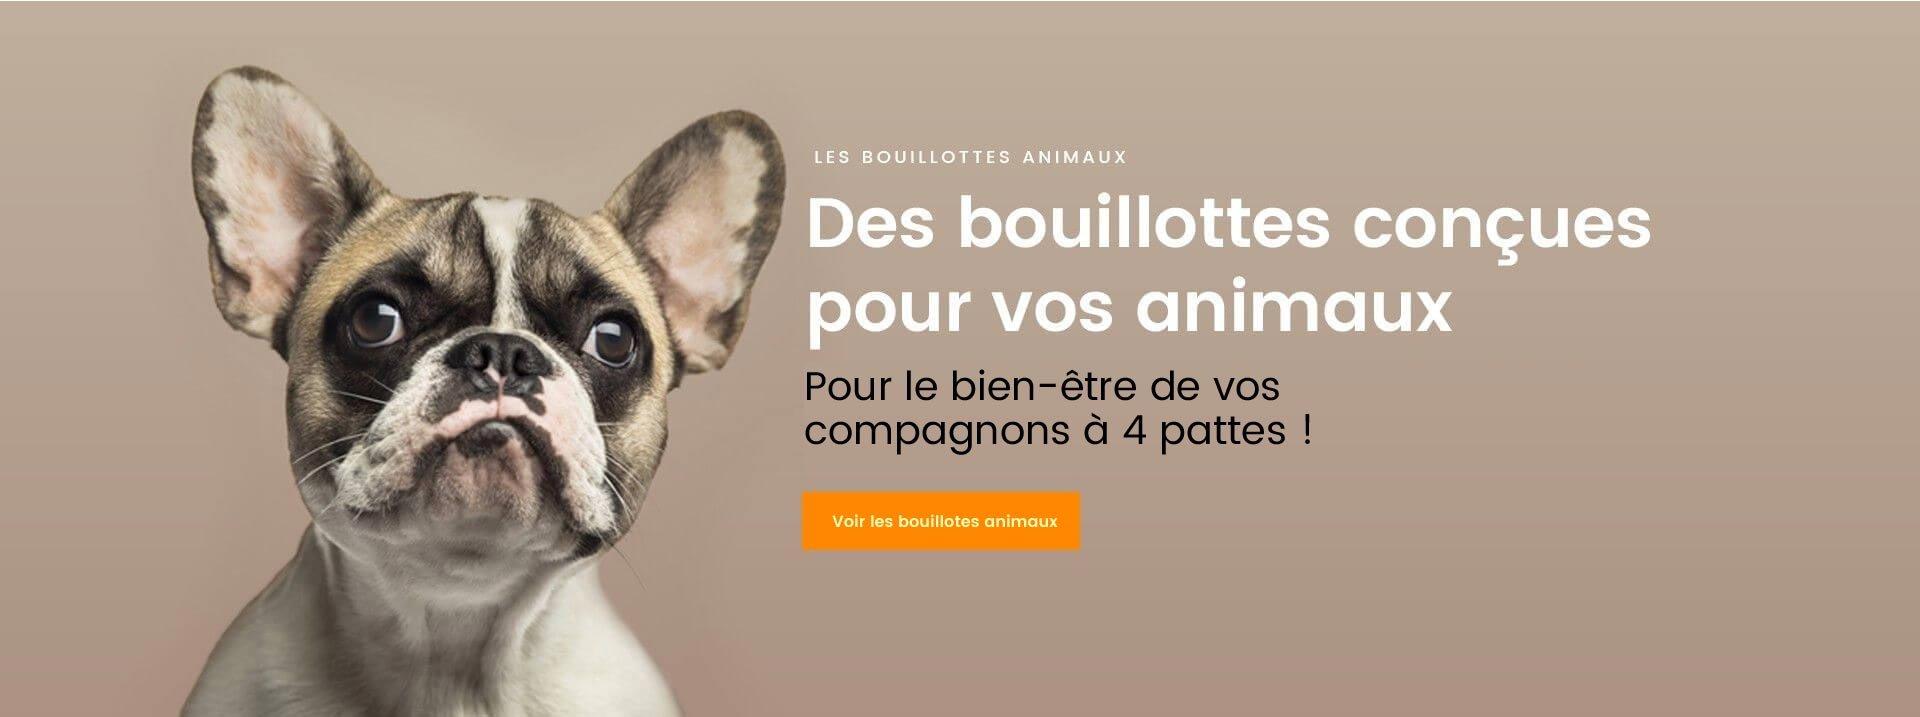 Bouillottes pour animaux